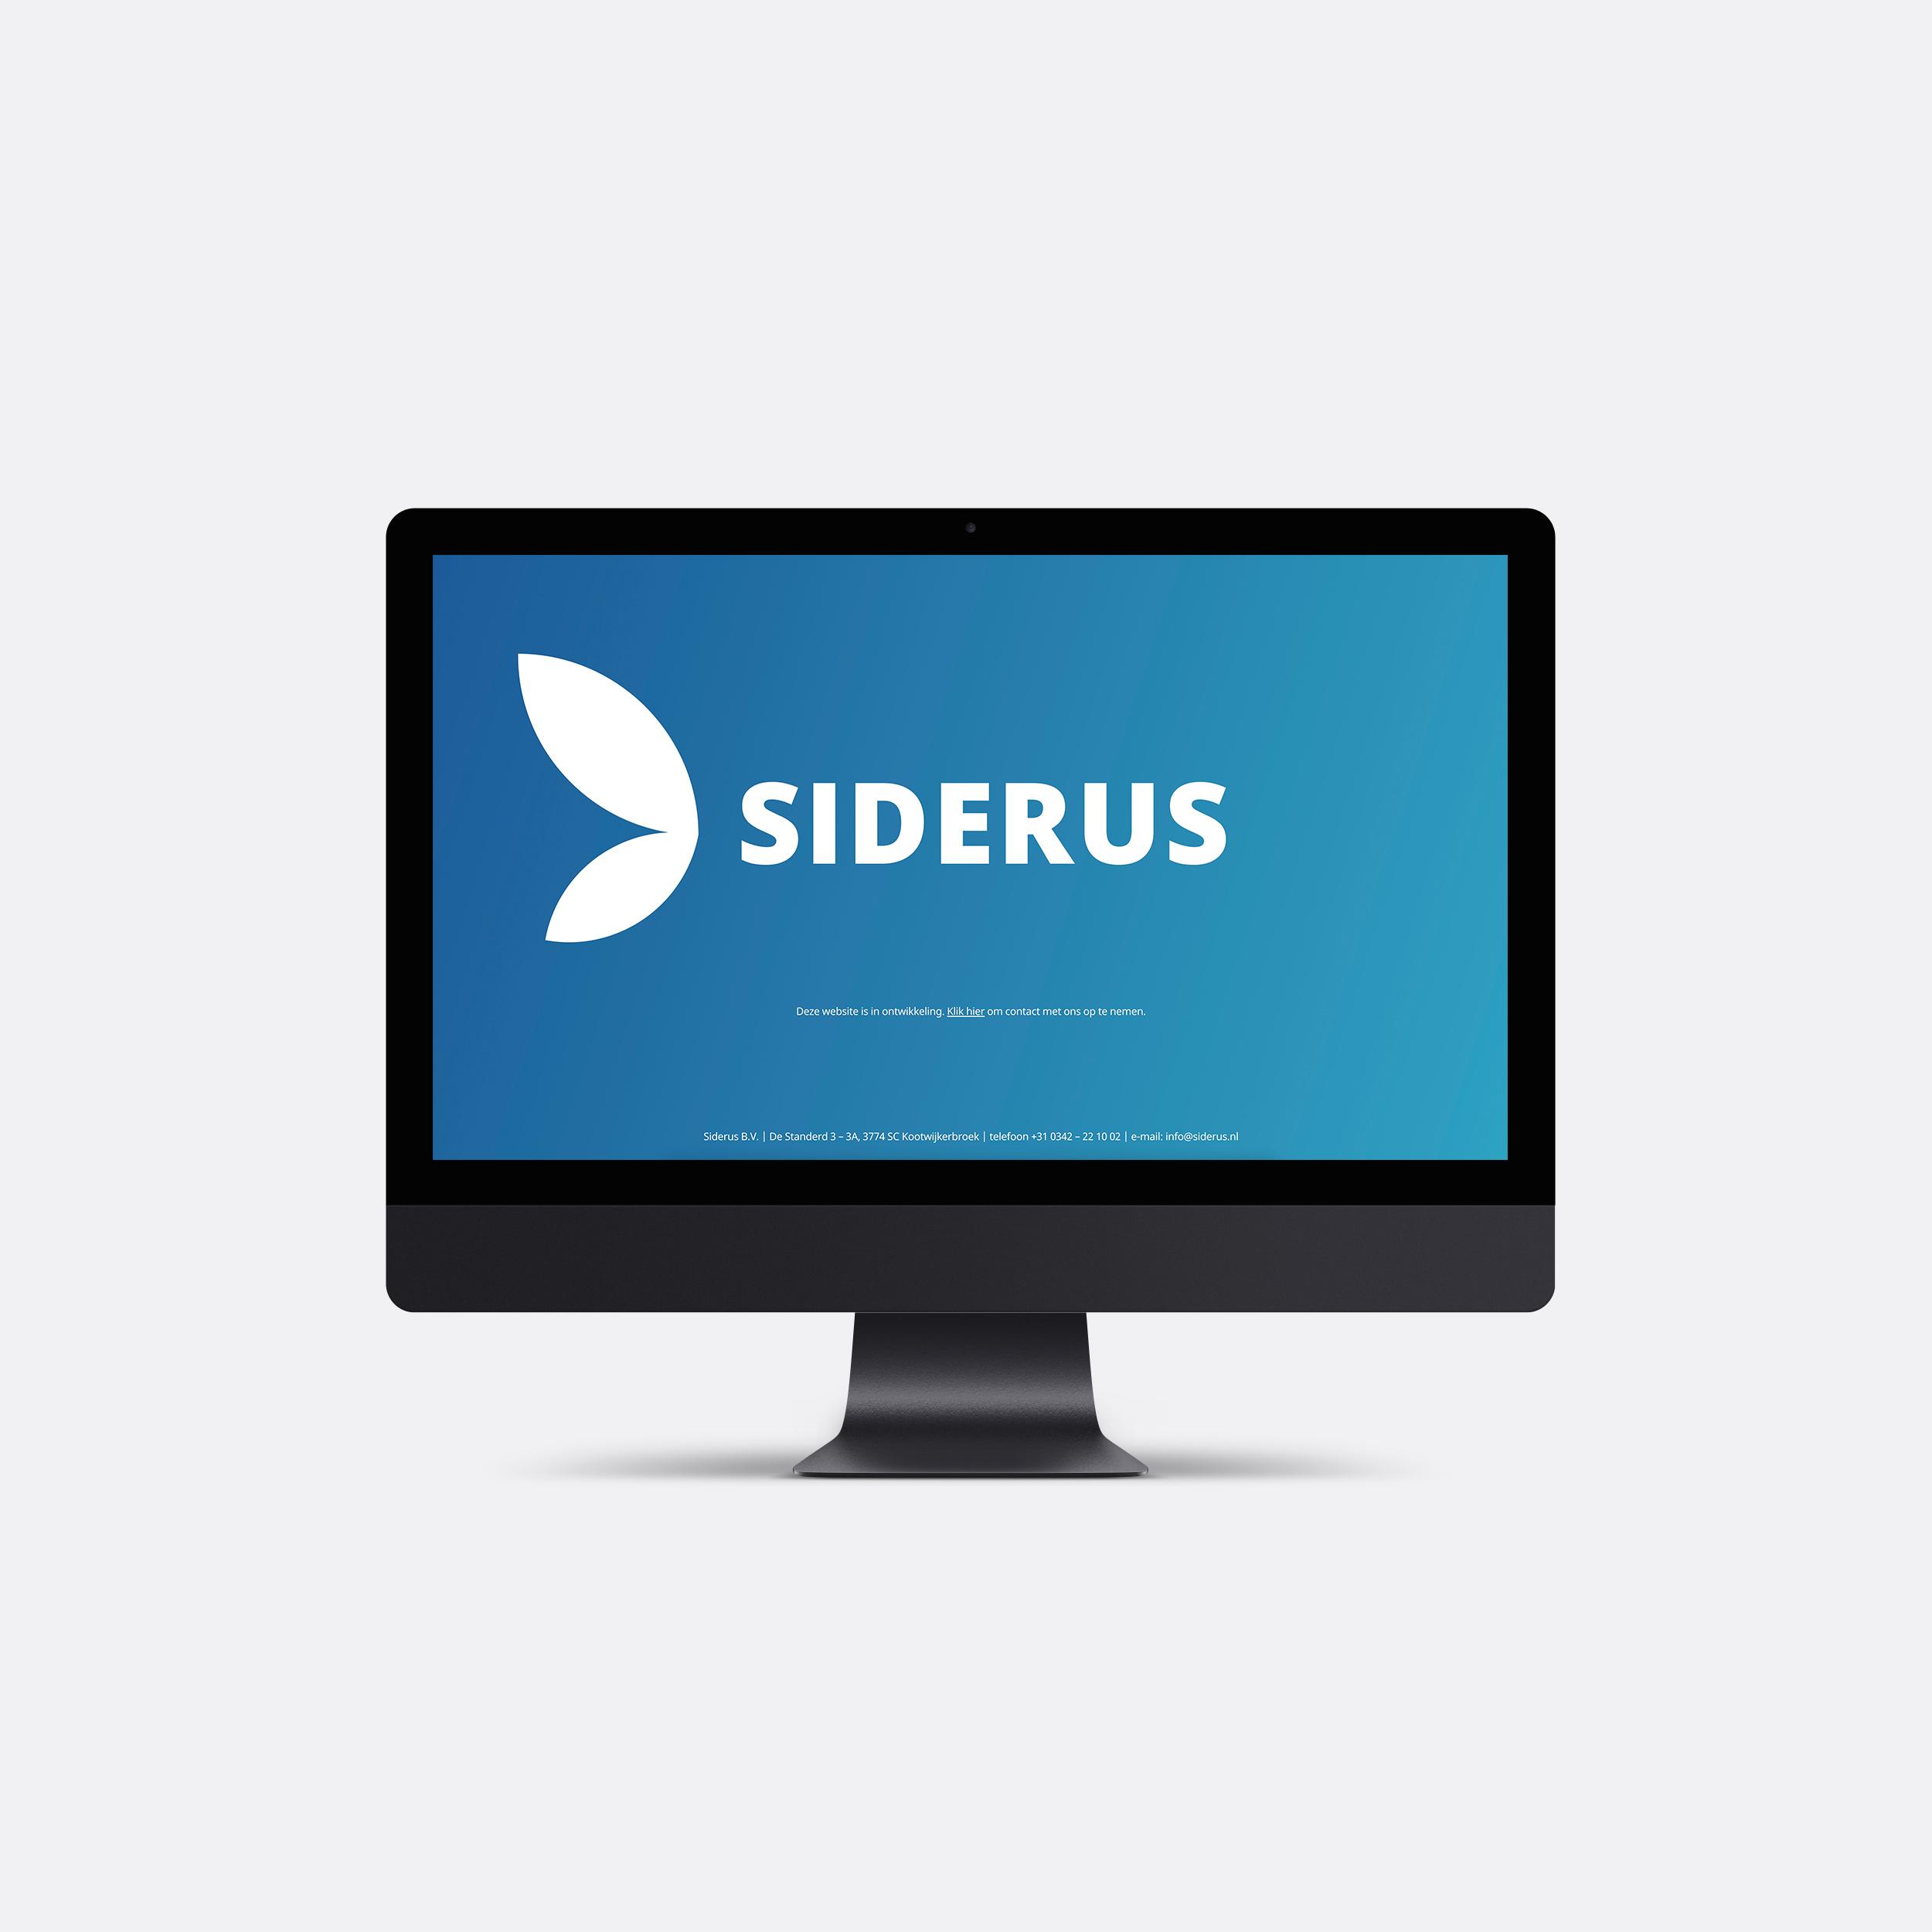 Siderus_iMac_sq